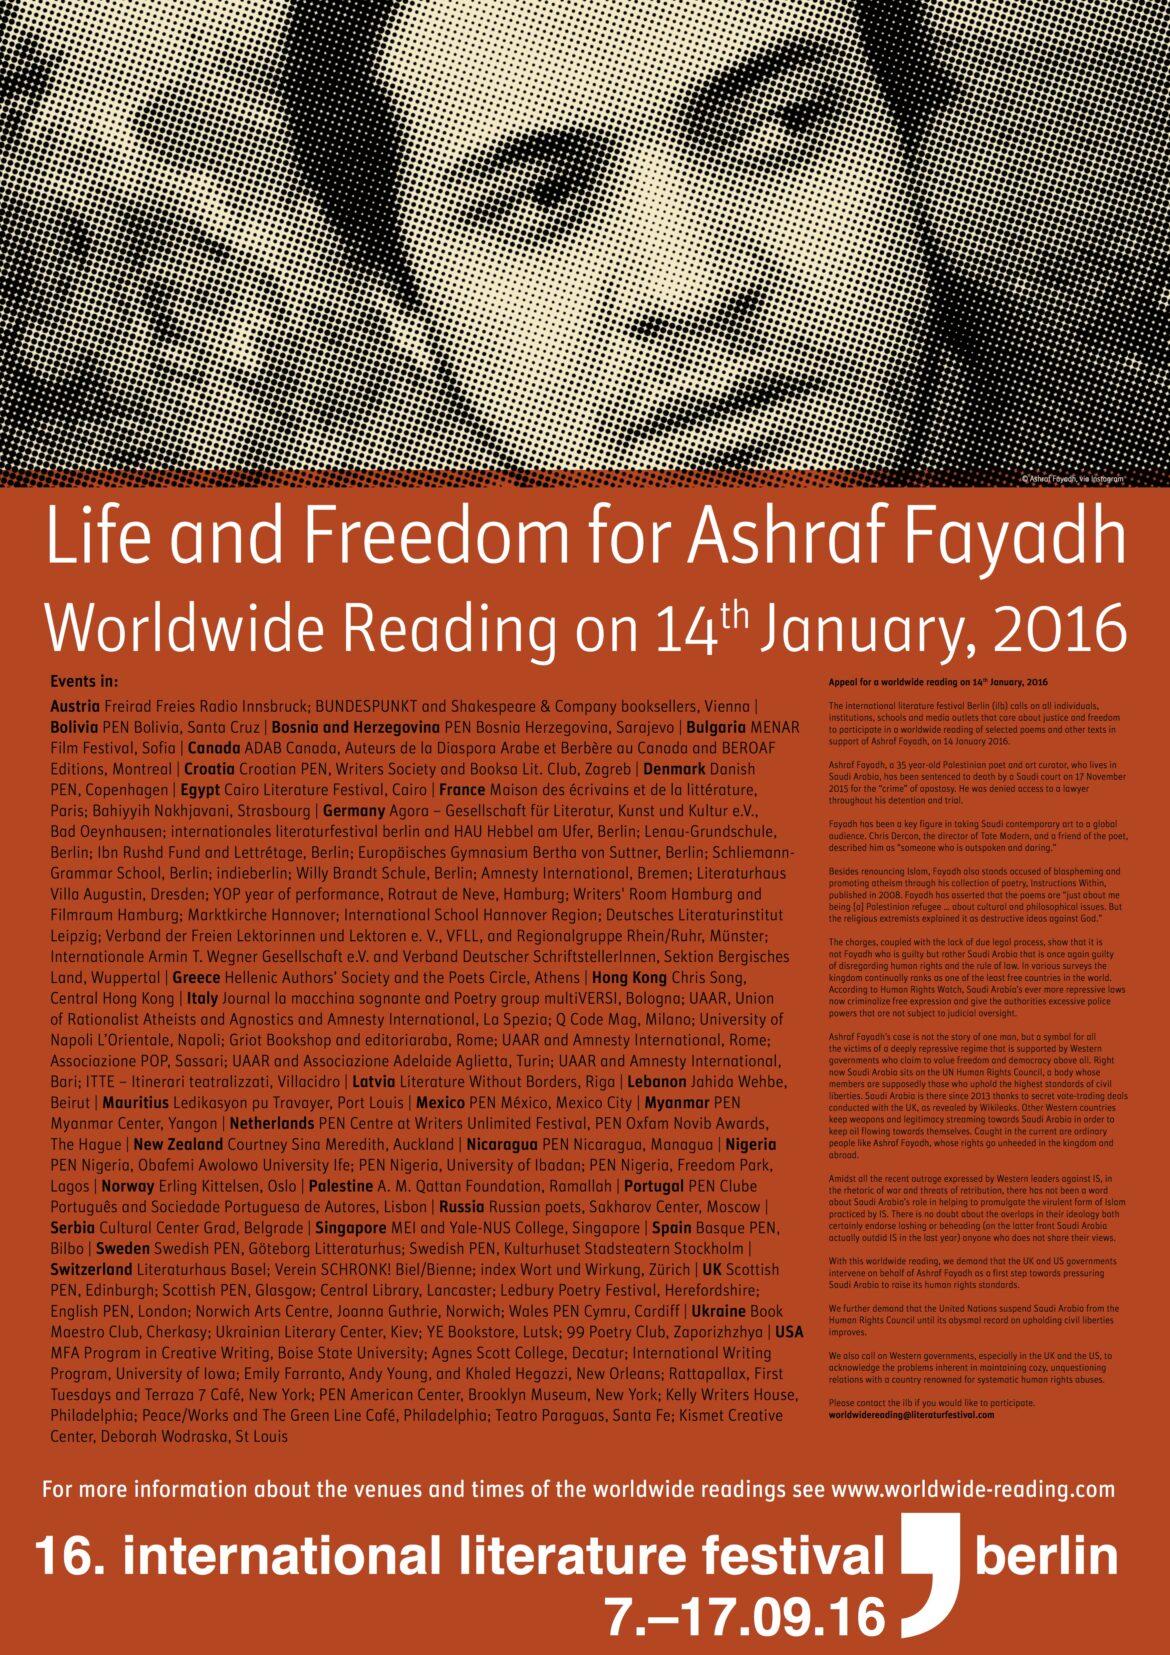 14.01.2016 Lesung: von Gedichten und Texten als Unterstützung für  Ashraf Fayadh